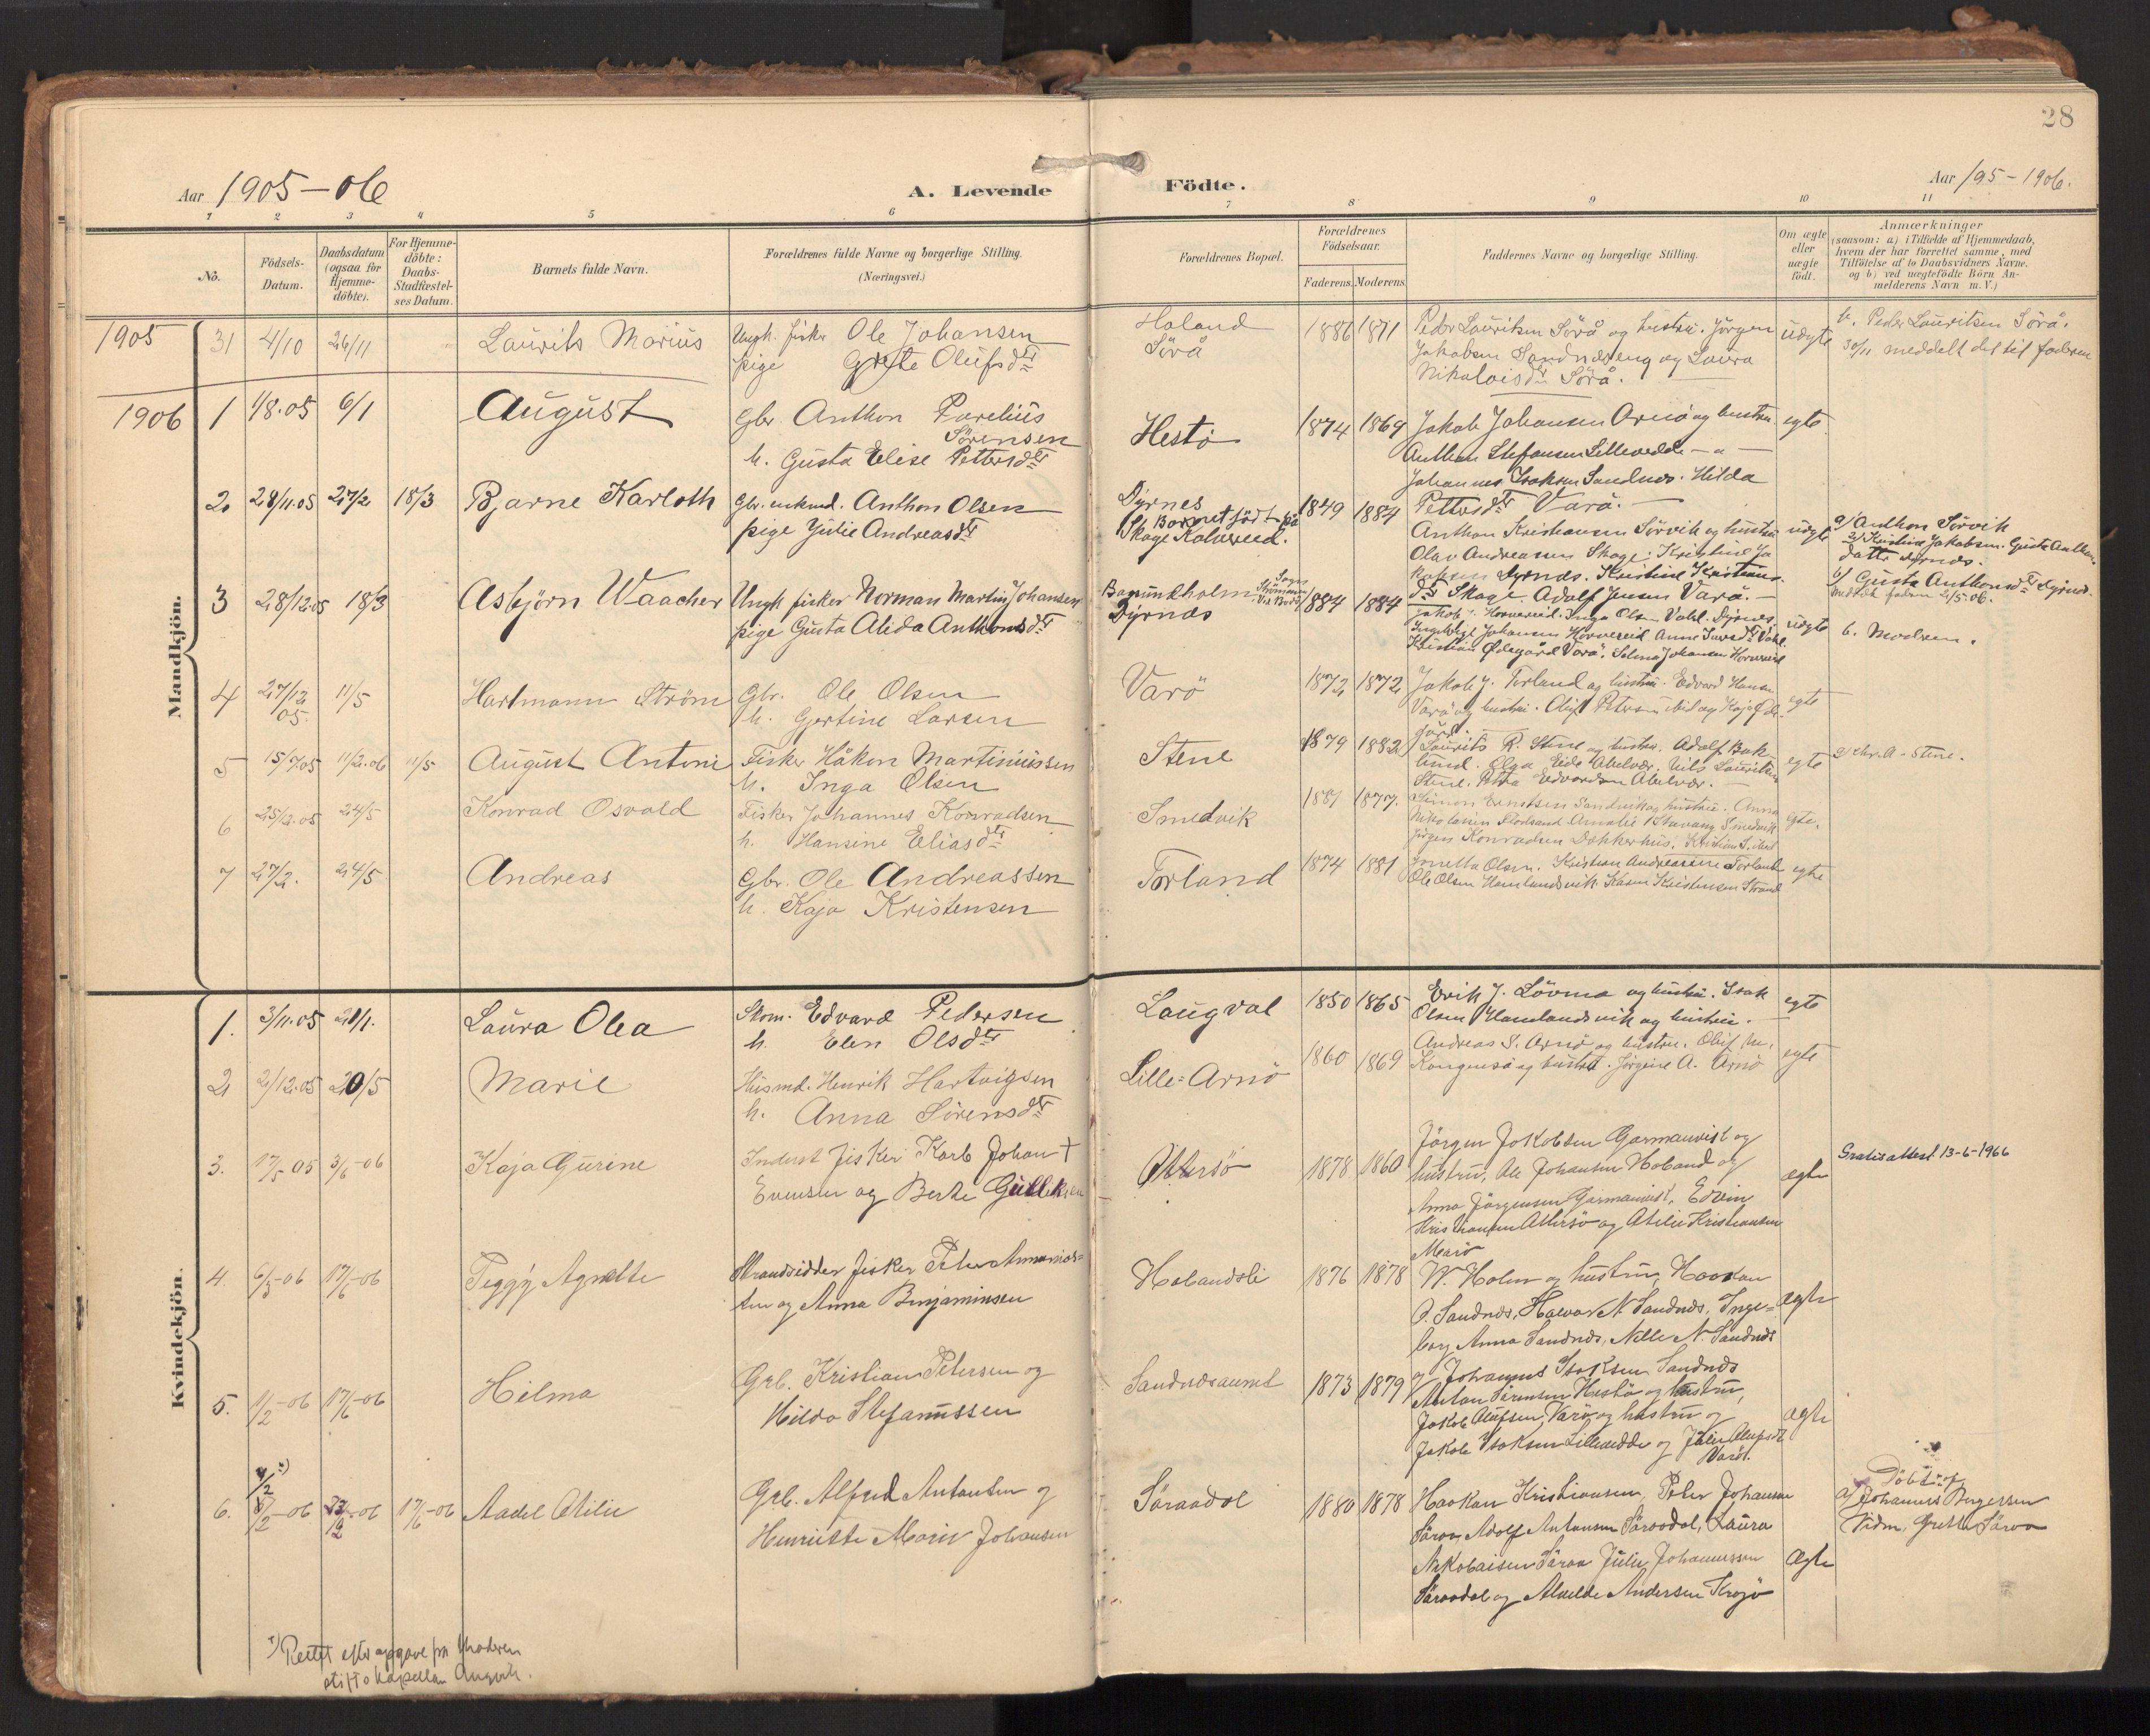 SAT, Ministerialprotokoller, klokkerbøker og fødselsregistre - Nord-Trøndelag, 784/L0677: Ministerialbok nr. 784A12, 1900-1920, s. 28